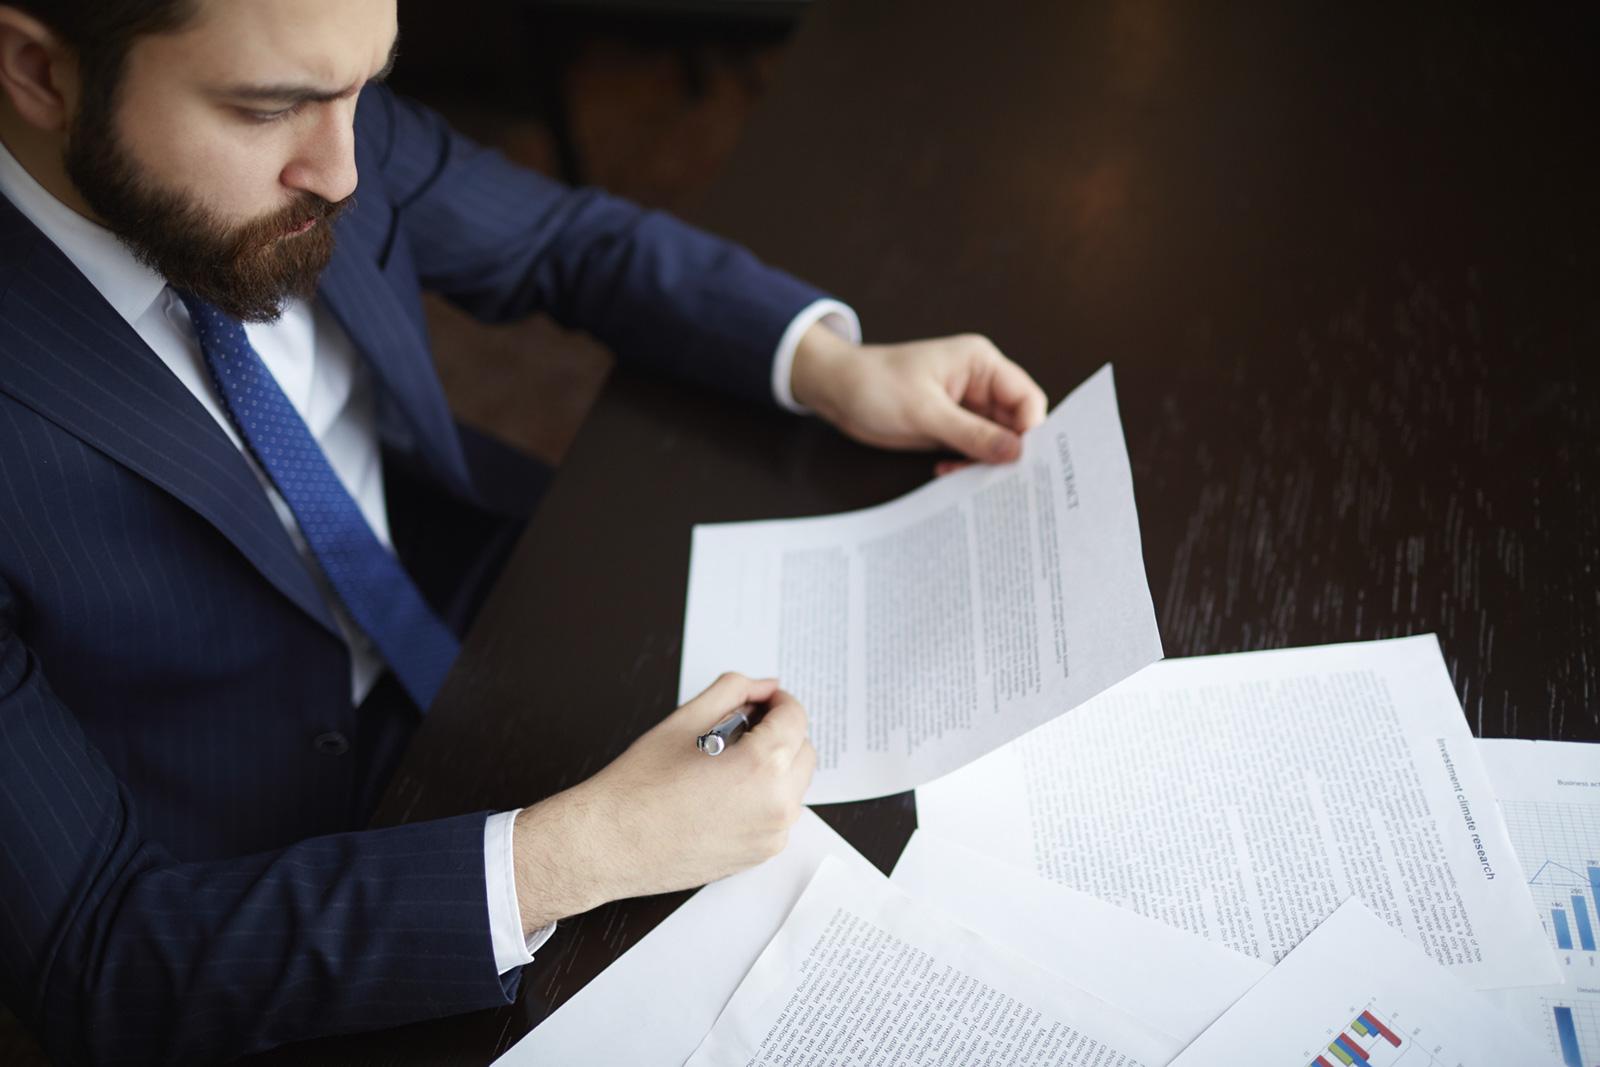 Les impôts encore plus tôt – Lundi, 24 Mars 2014